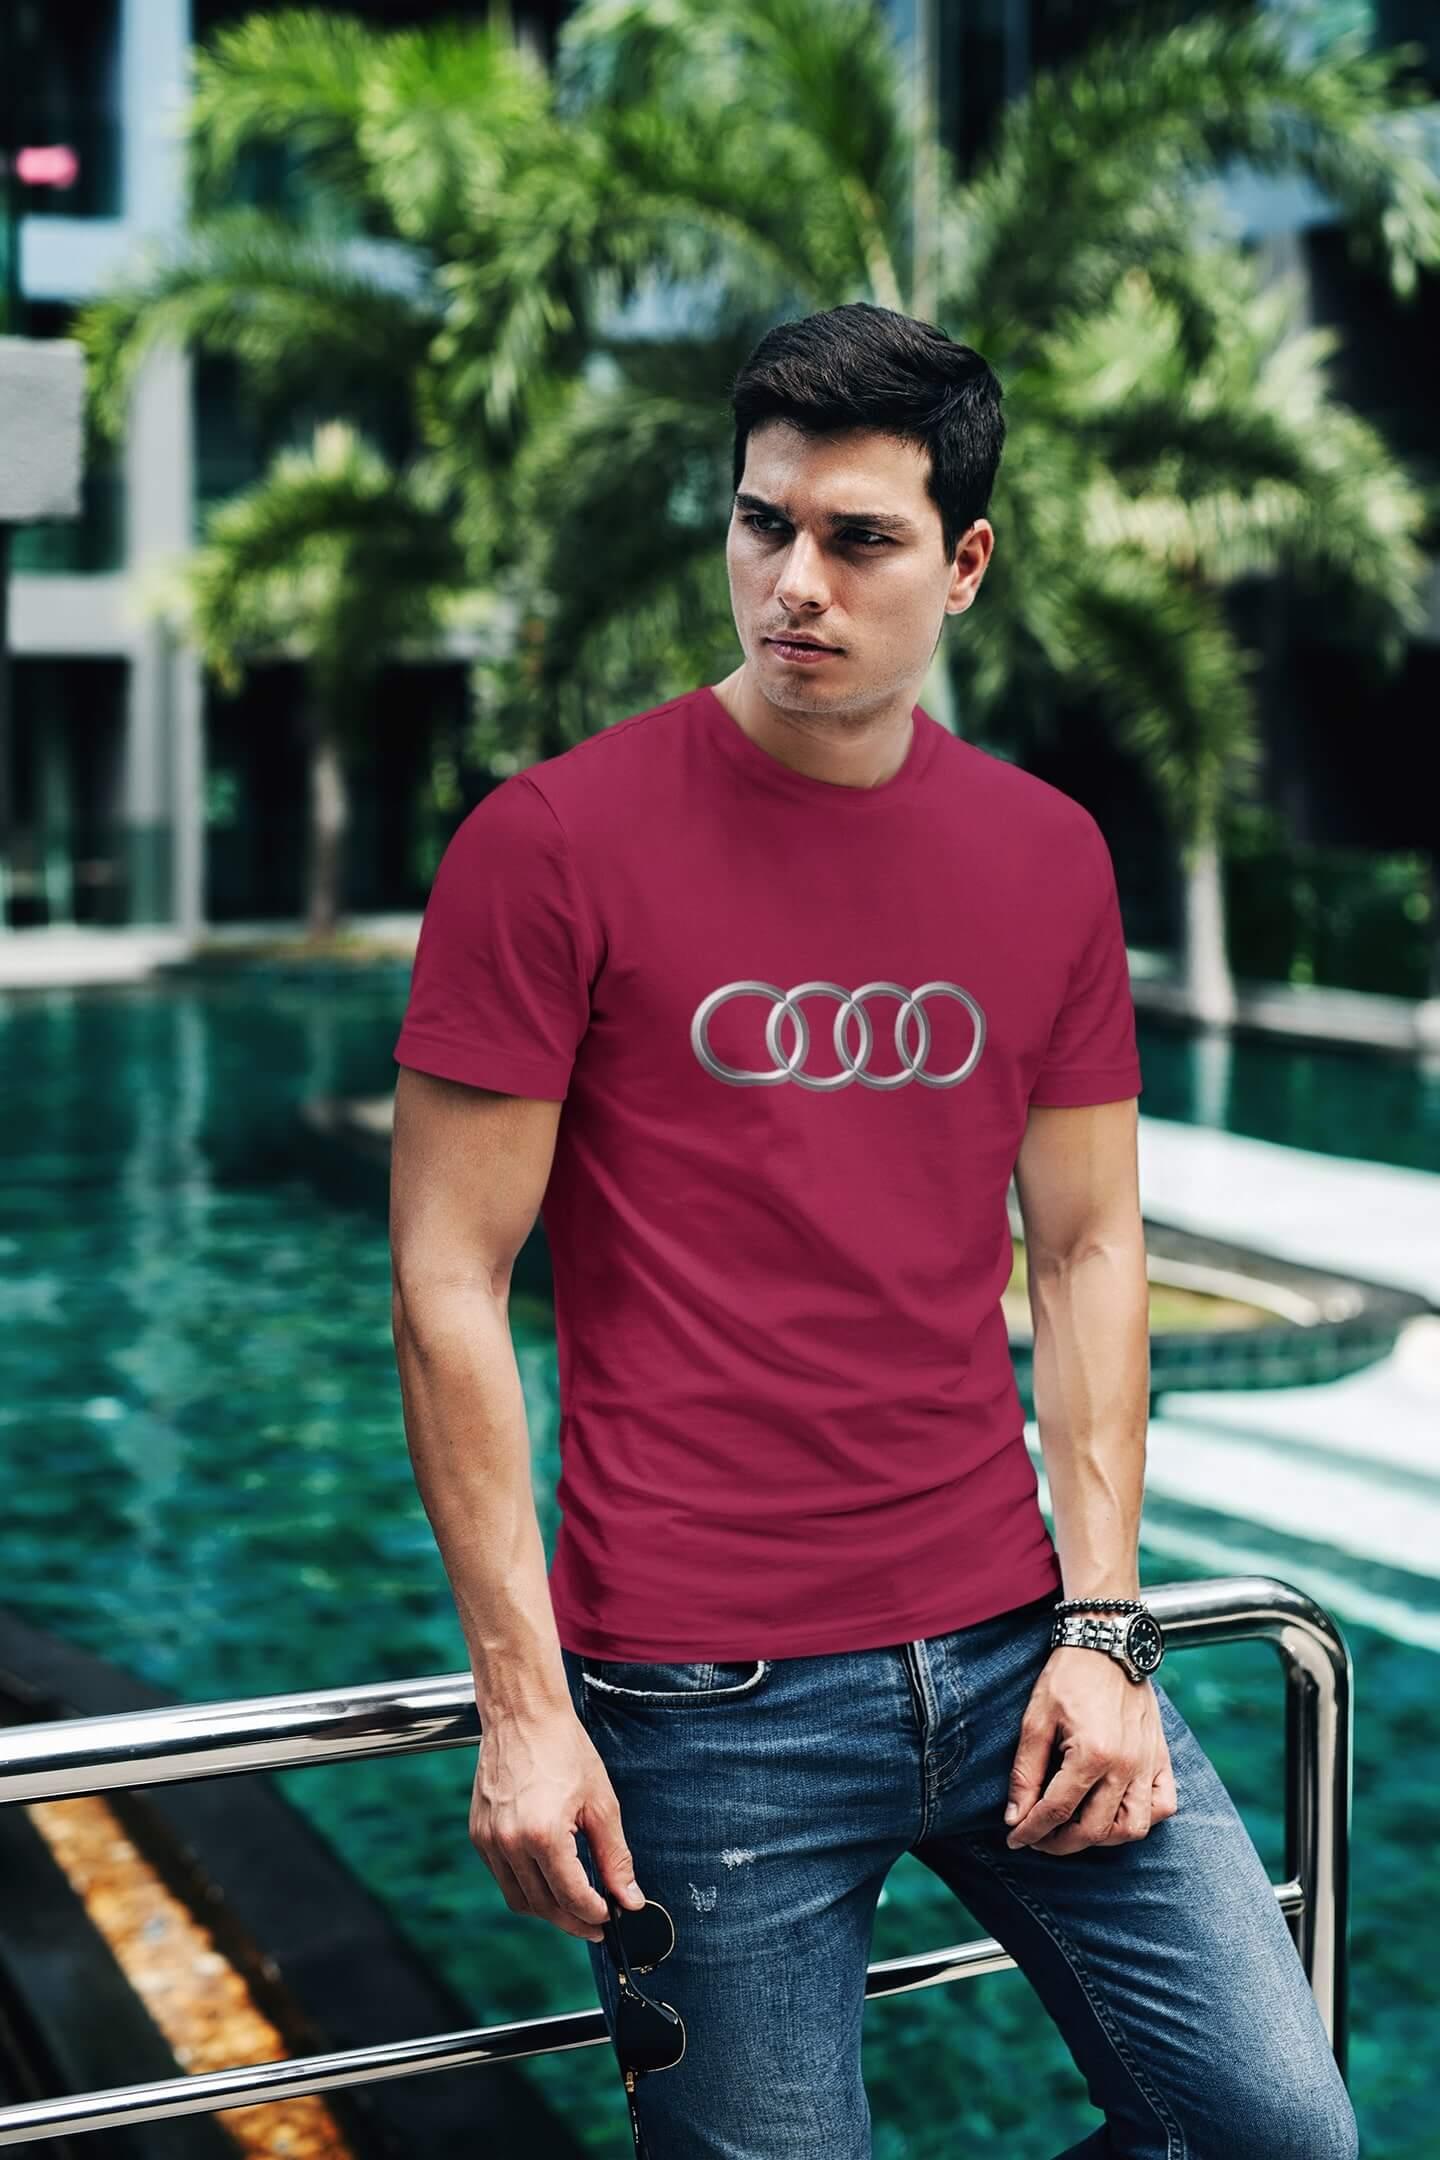 MMO Tričko s logom auta Audi Vyberte farbu: Marlboro červená, Vyberte veľkosť: XL